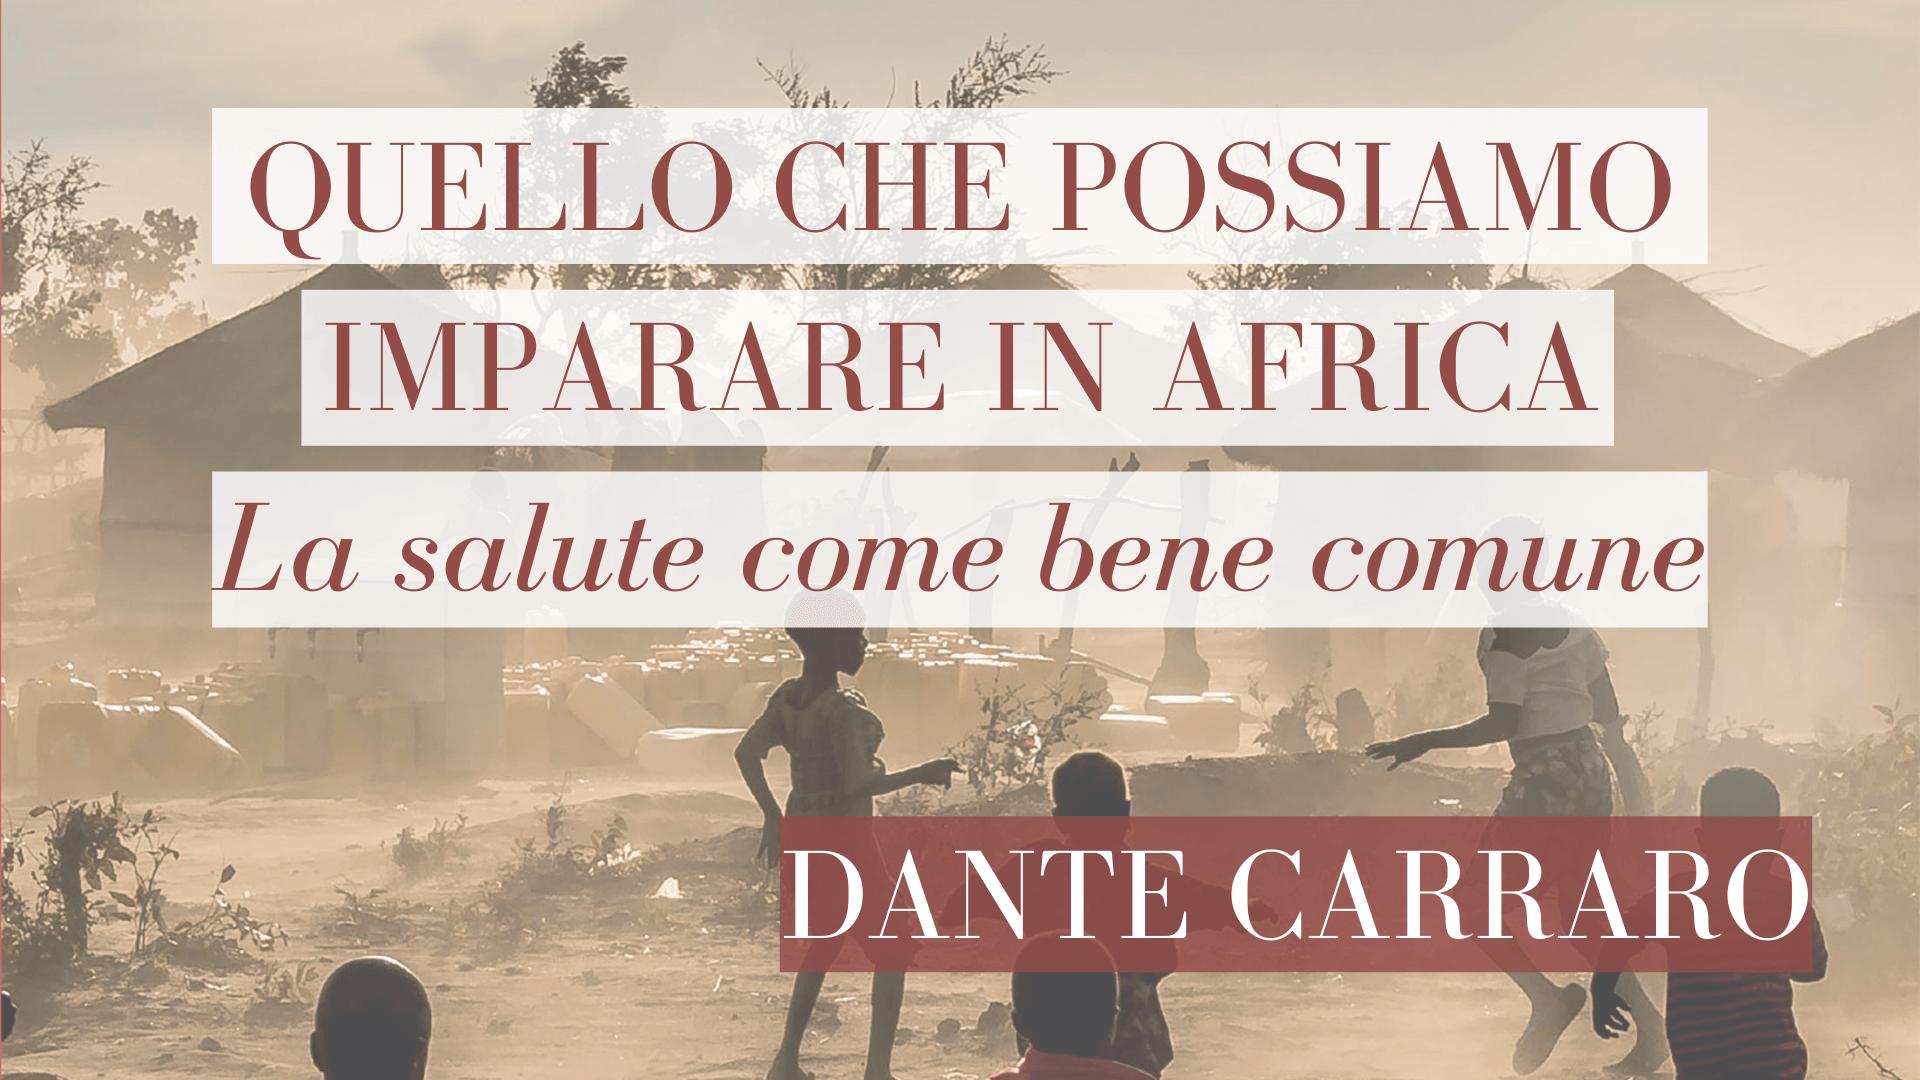 """D. Carraro e P. Di Paolo raccontano """"Quello che possiamo imparare in Africa"""""""